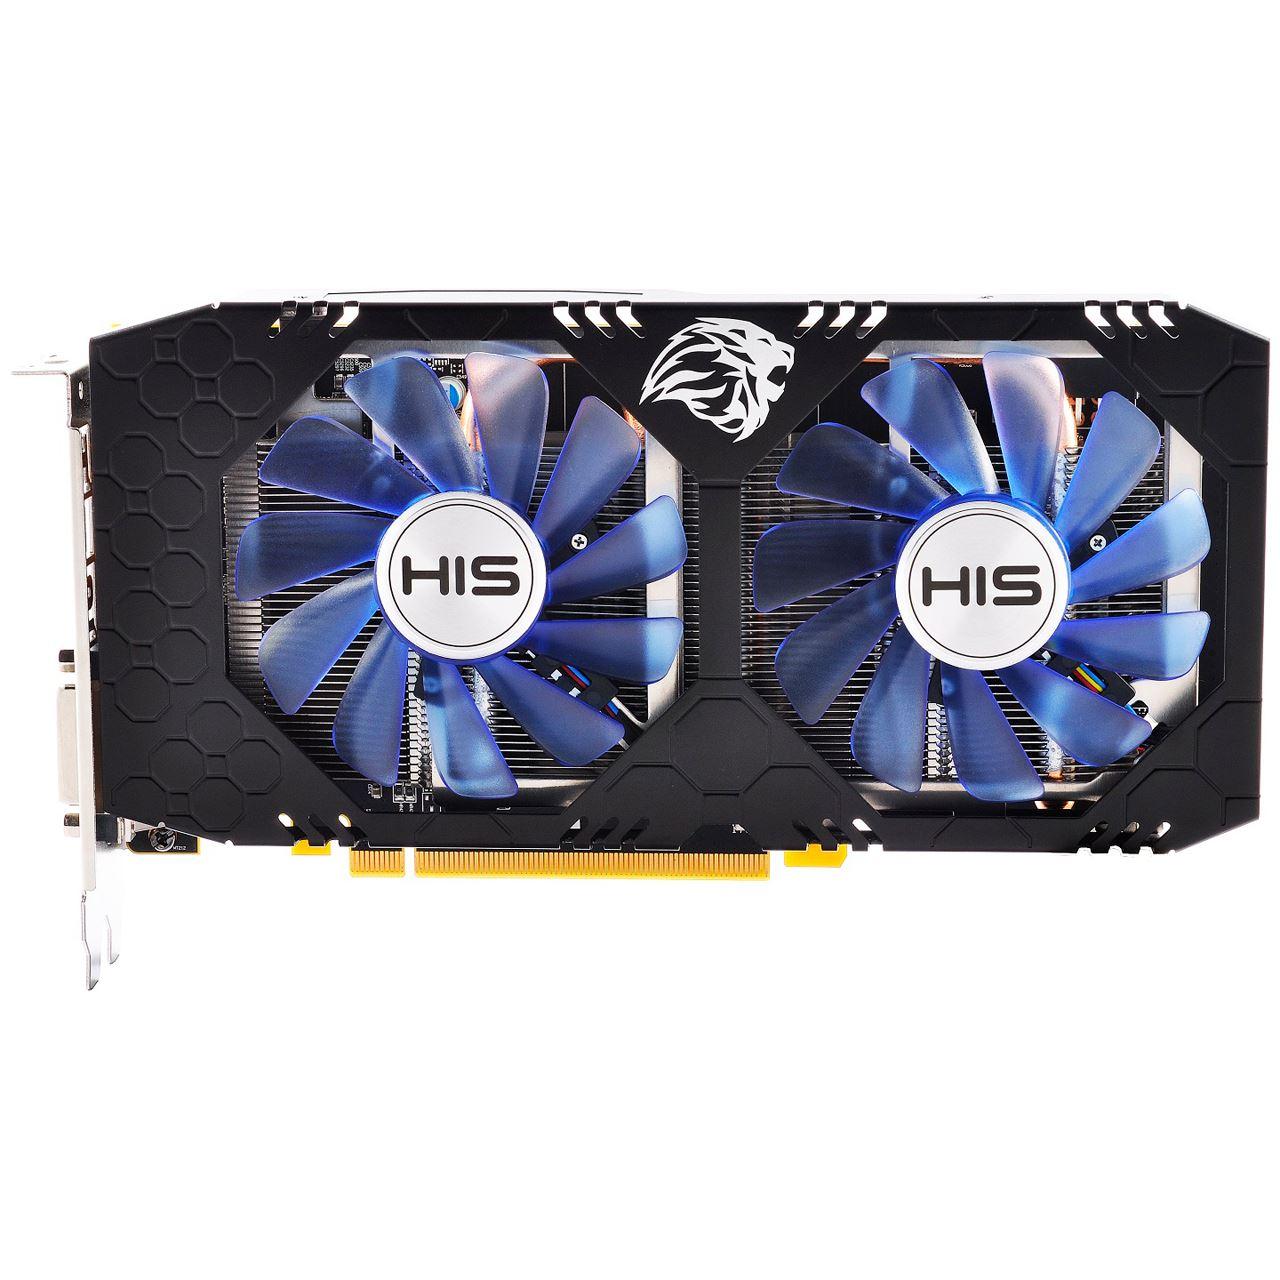 4gb His Radeon Rx 570 Iceq X2 Oc Aktiv Pcie 30 X16 Retail Vga Powercolor Red Devil Gddr5